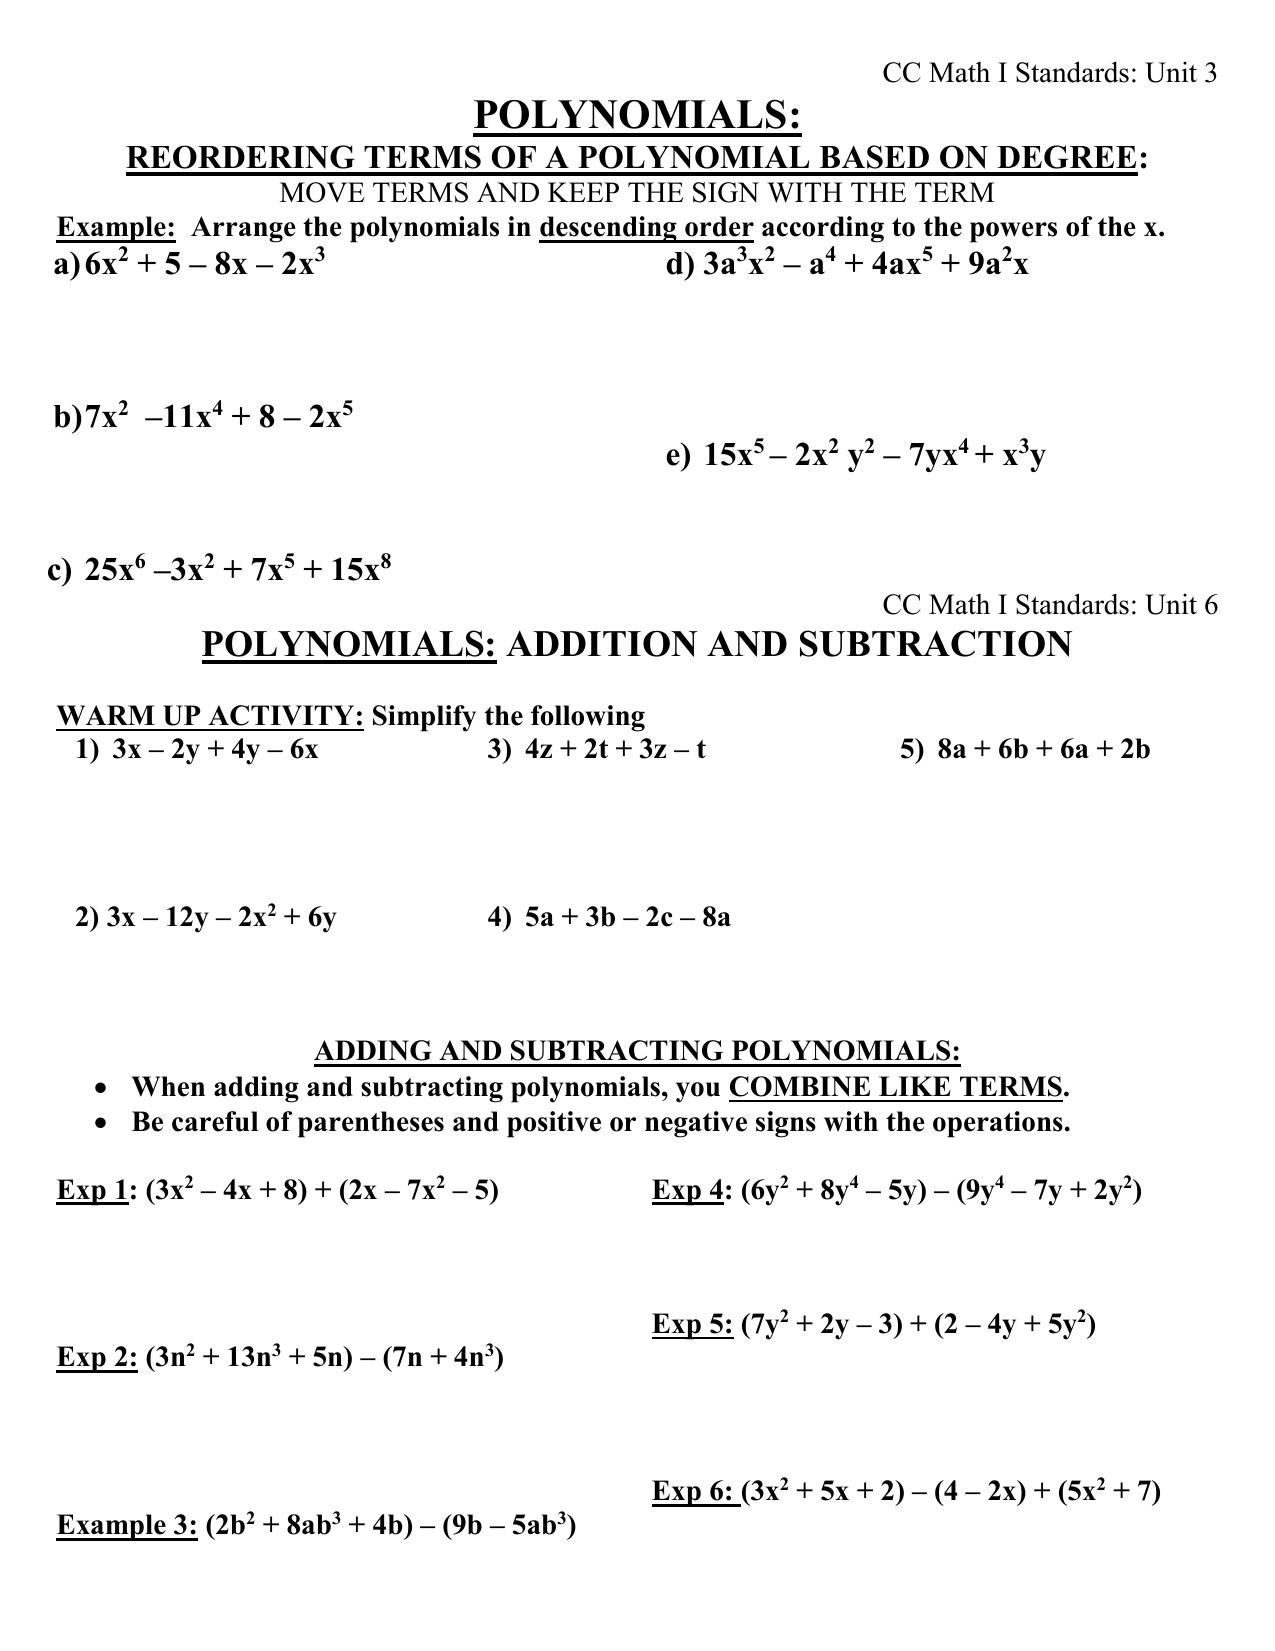 Polynomials Handout Week of Nov 12